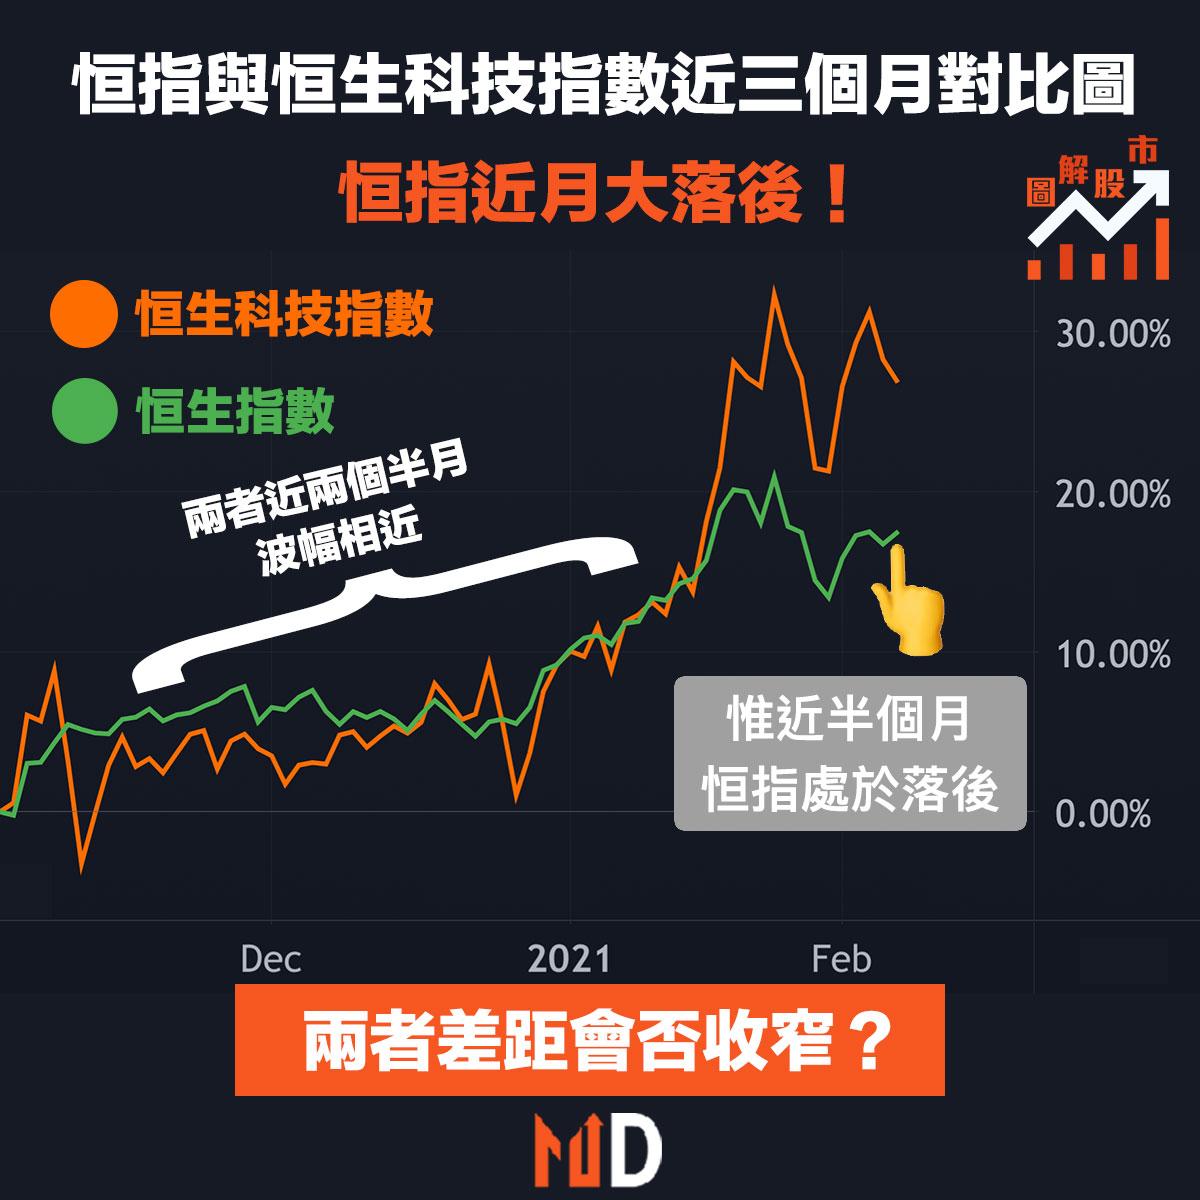 【圖解股市】恒指與恒生科技指數近三個月對比圖,恒指近月大落後!